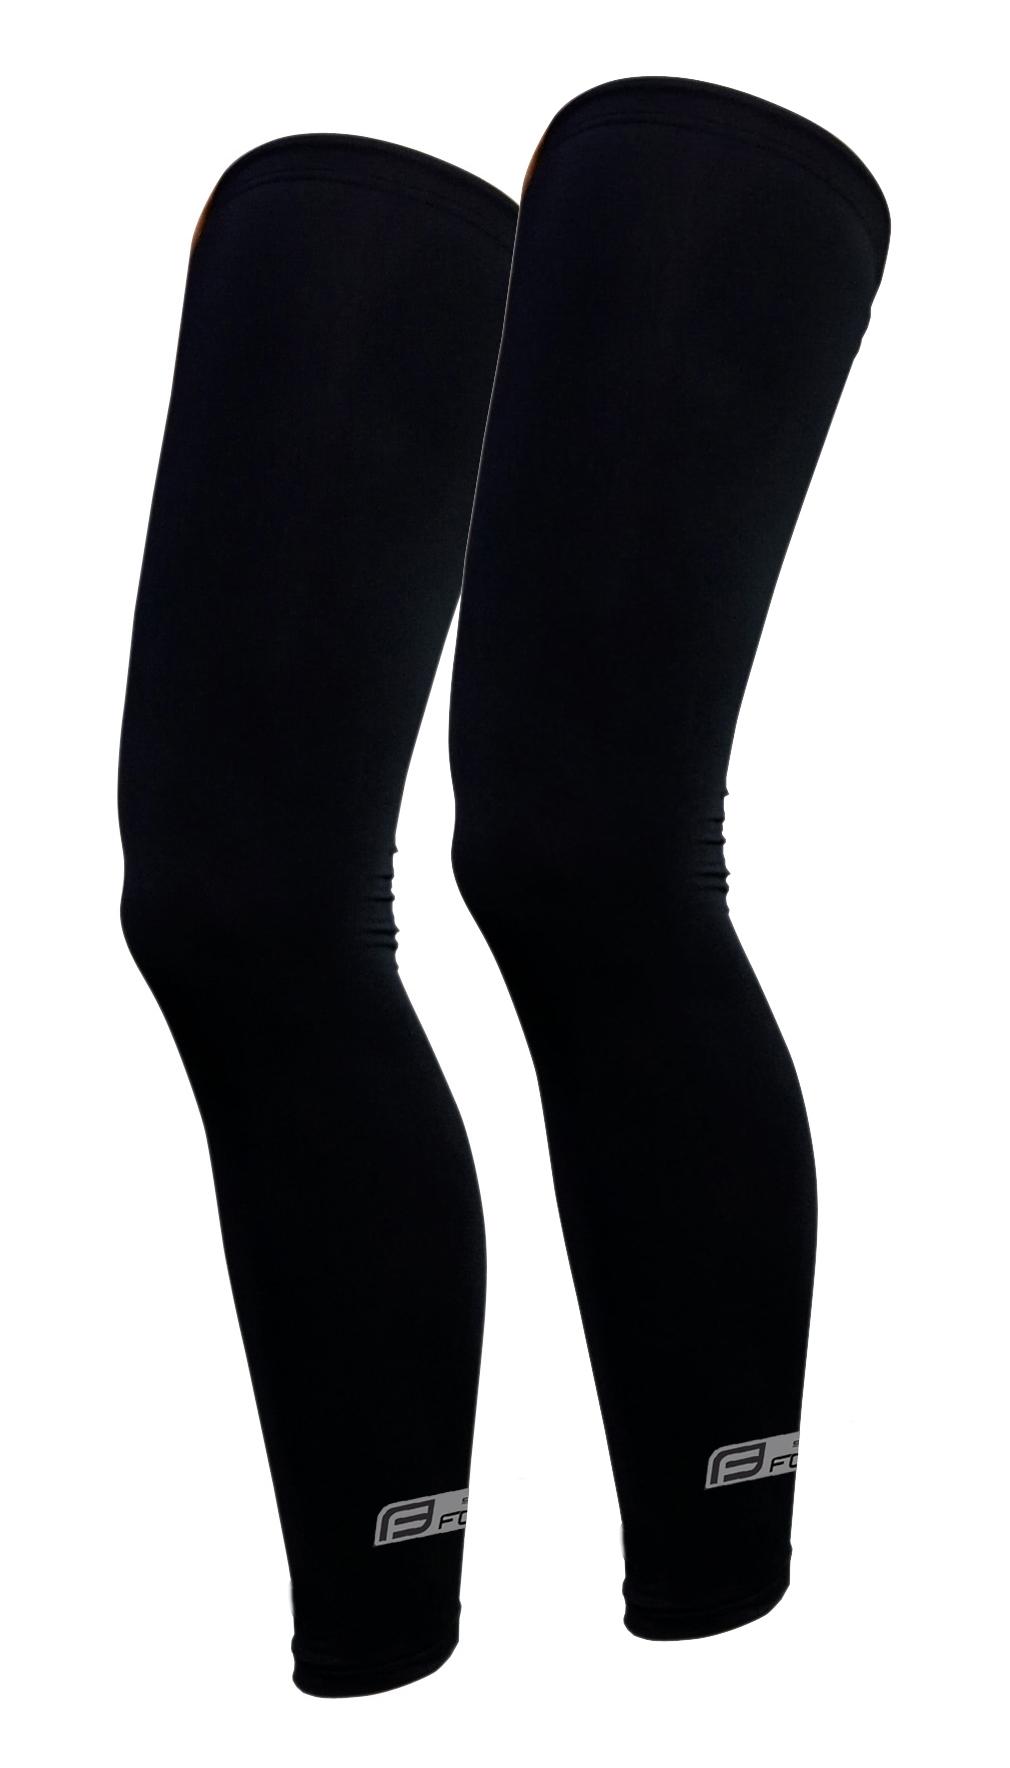 návleky na nohy FORCE RACE, lepené, černé S